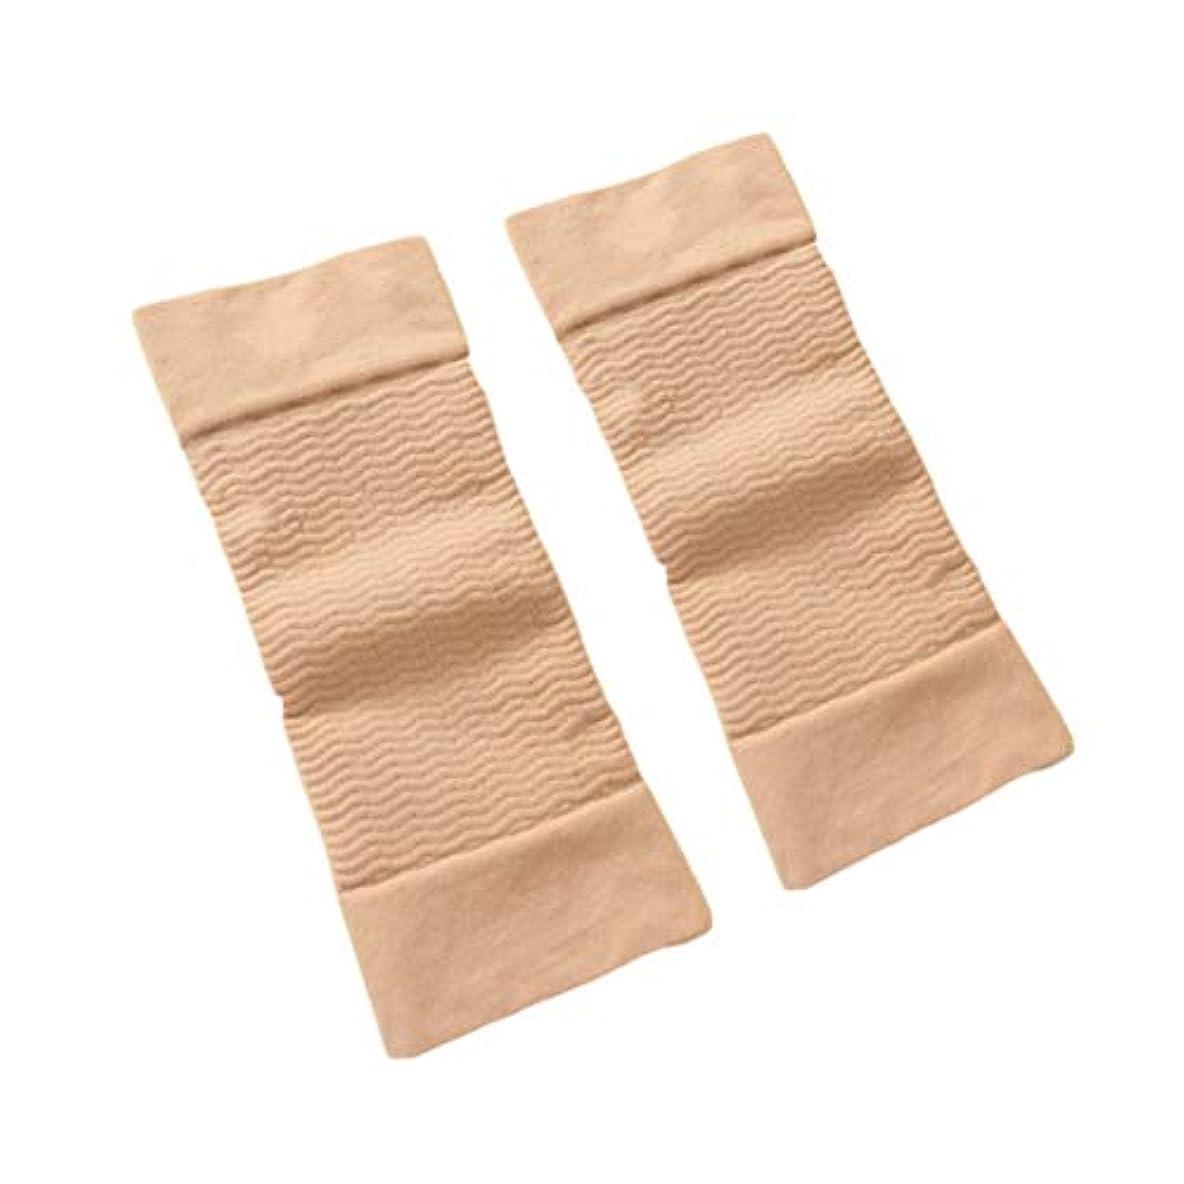 気を散らす注目すべき薄暗い1組420D圧縮Slim身アームスリーブワークアウトトーニングバーンセルライトシェイパー脂肪燃焼スリーブ女性用(肌色)